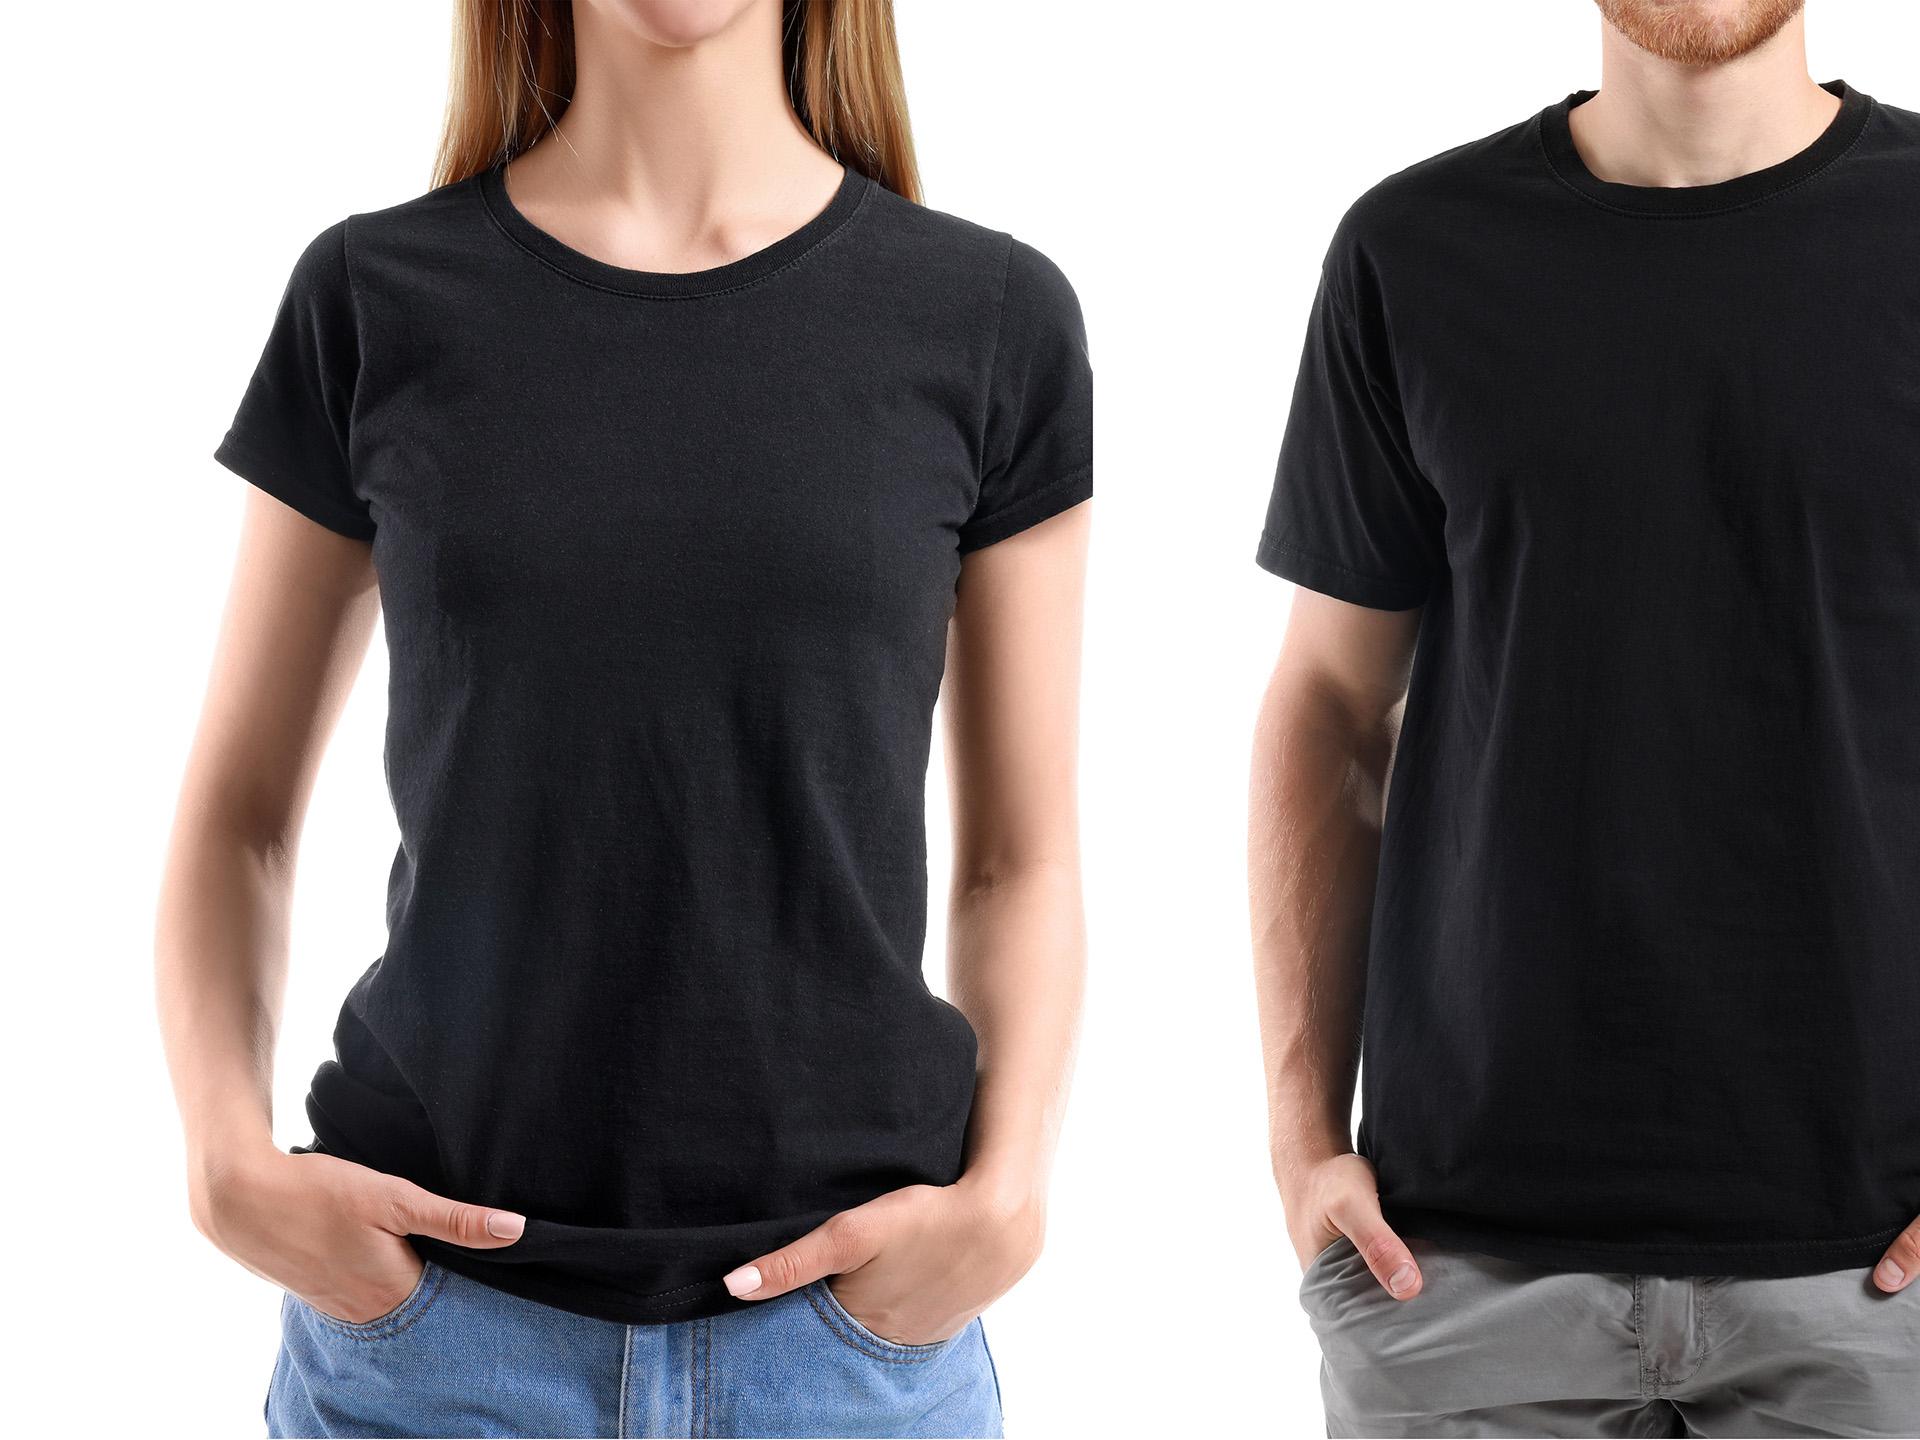 Få et tilbud på t-skjorter